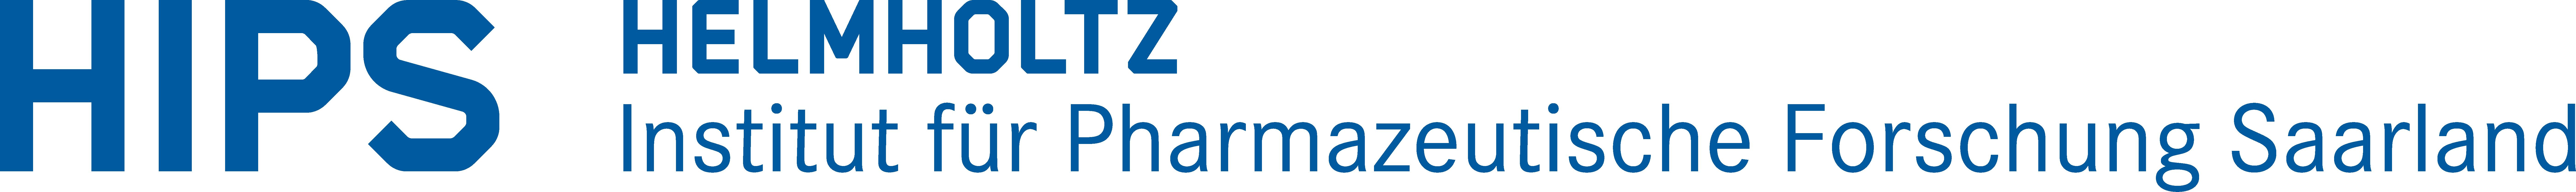 HIPS Helmholtz Institut für Pharmazeutische Forschung Saarland